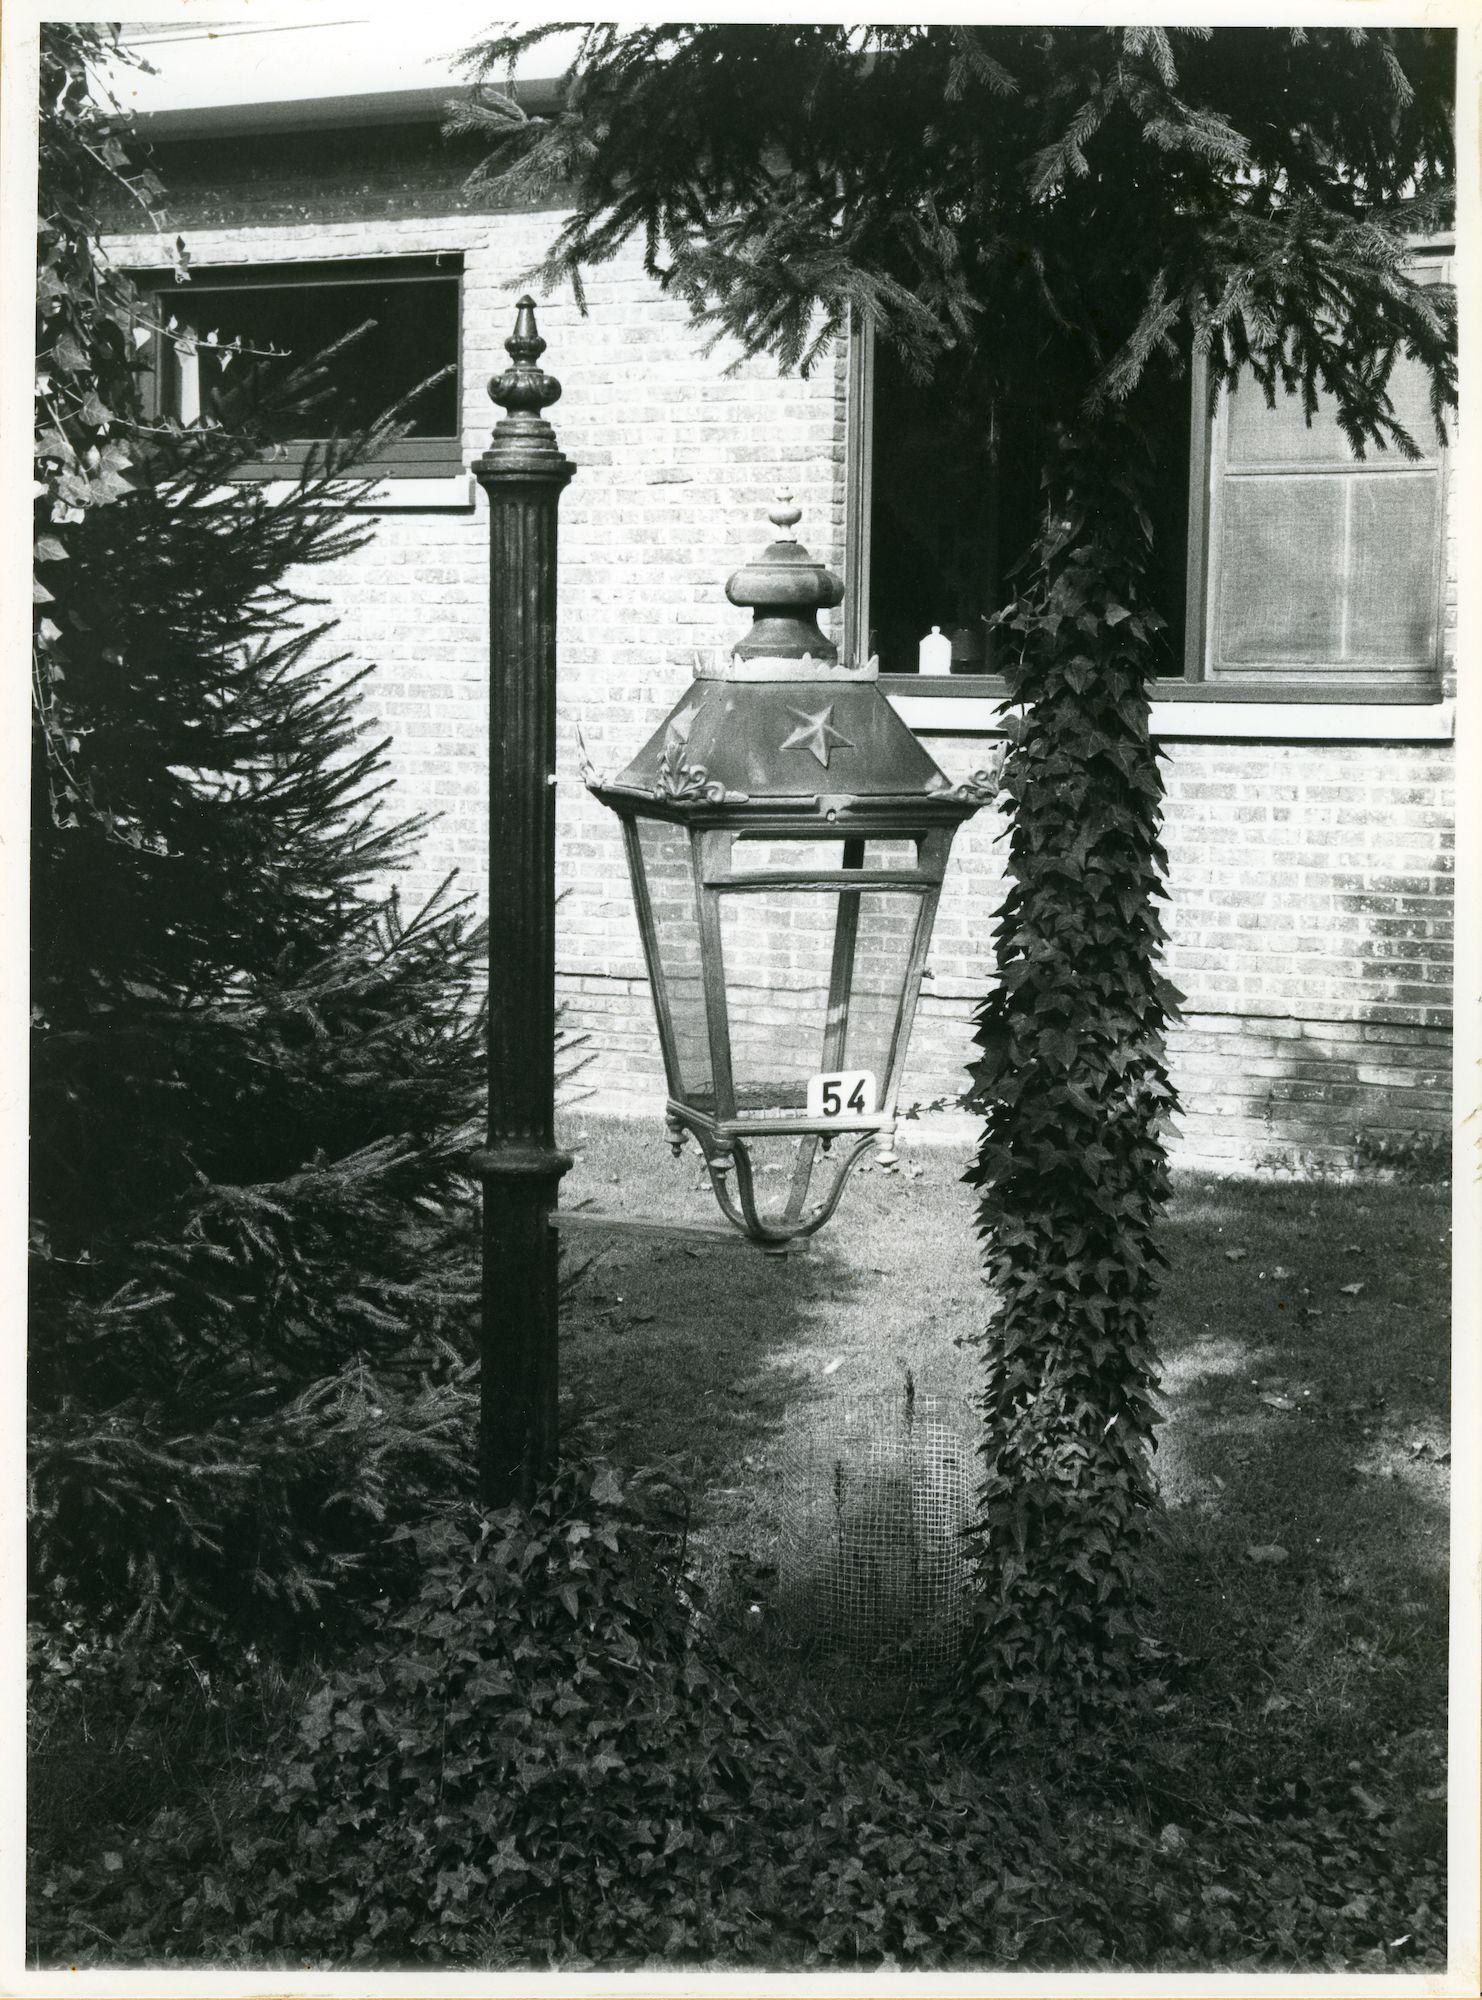 Sint-Denijs-Westrem: Drie sleutelsstraat 54: Lantaarn, 1979